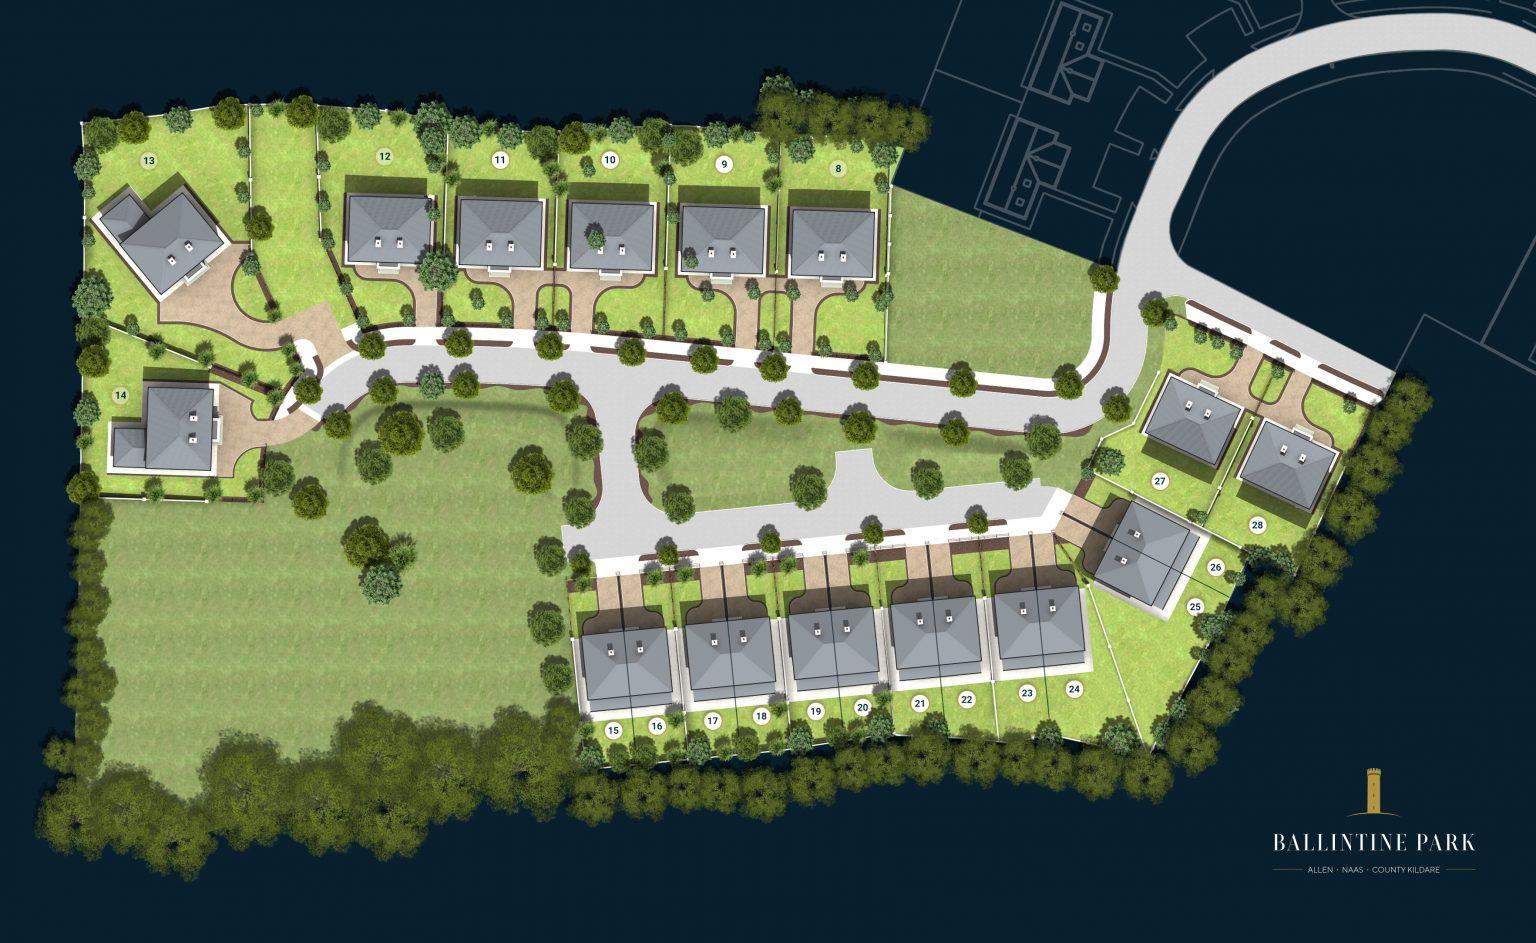 Ballintine Park site plan Allen Kildare